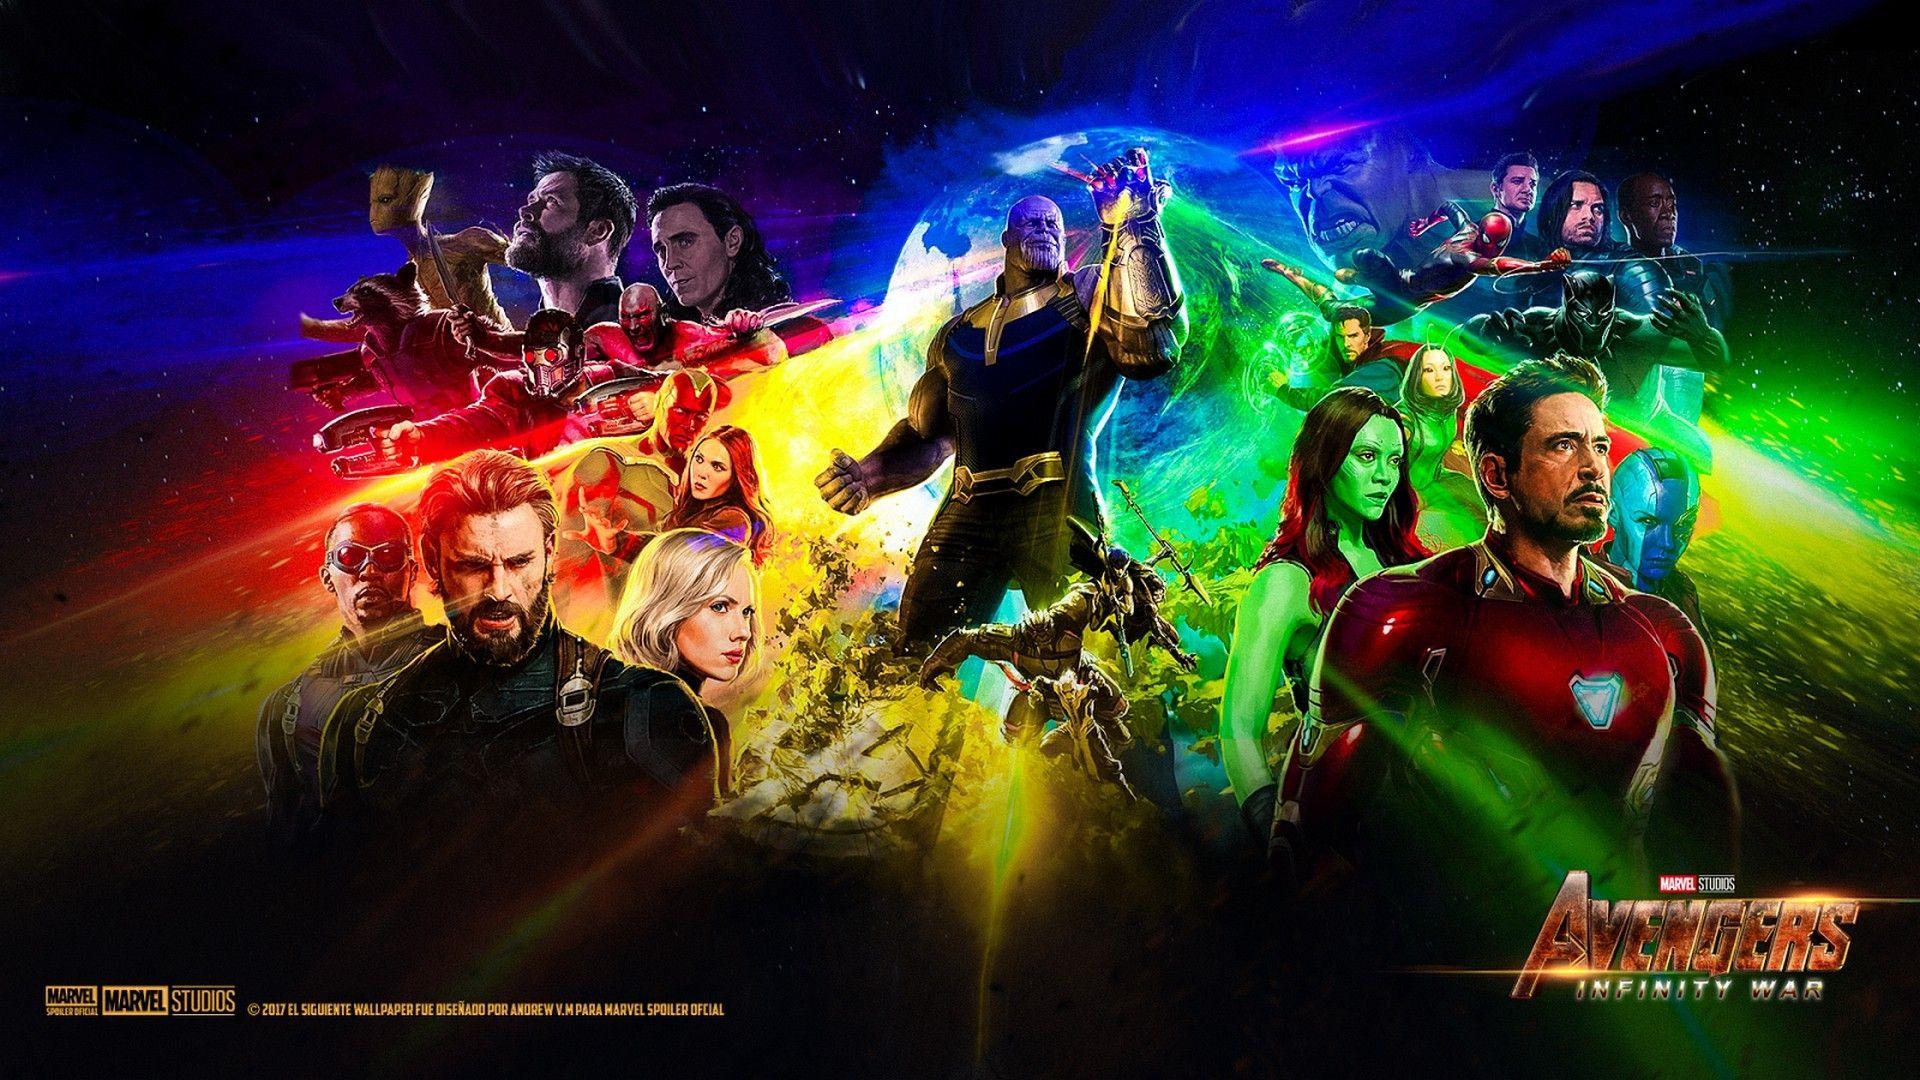 Desktop Wallpaper Avengers 3 Best Hd Wallpapers Avengers Infinity War Avengers Avengers Infinity War Poster